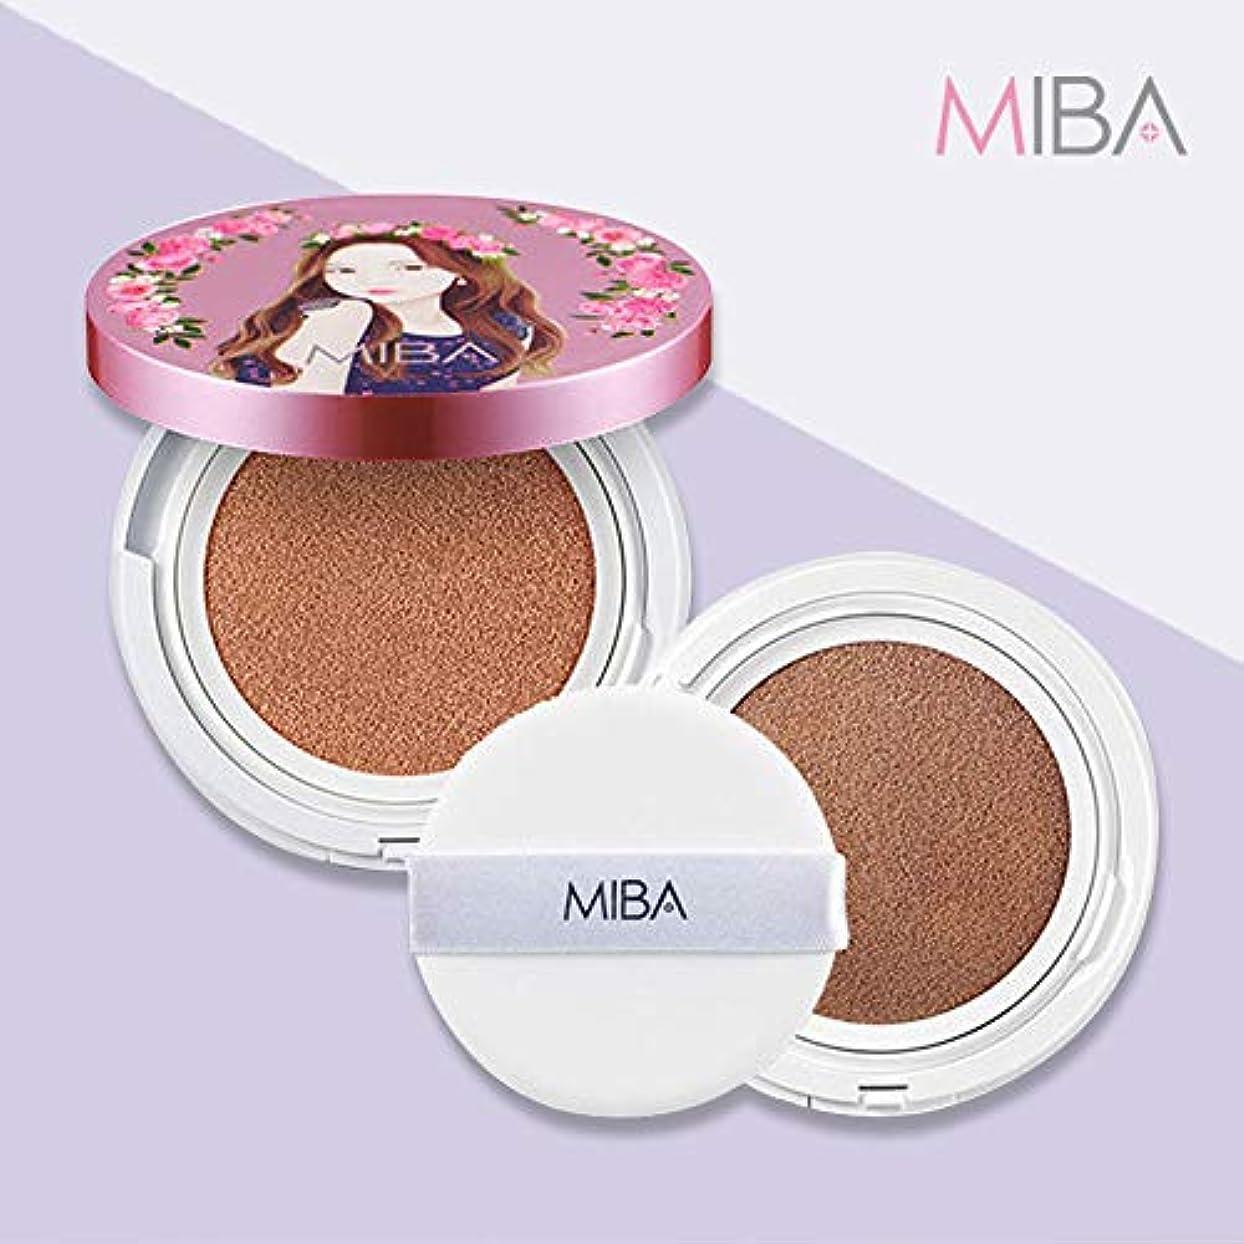 精算発行物理的な【mineralbio】 MIBA ミバ イオンカルシウム ミネラルファンデーション ダブルクッション 本品+リフィル+パフ2枚 SPF50+/PA++++ 普通肌用 (Ion Calcium Foundation Double Cushion set 24g #23 Natural skin)